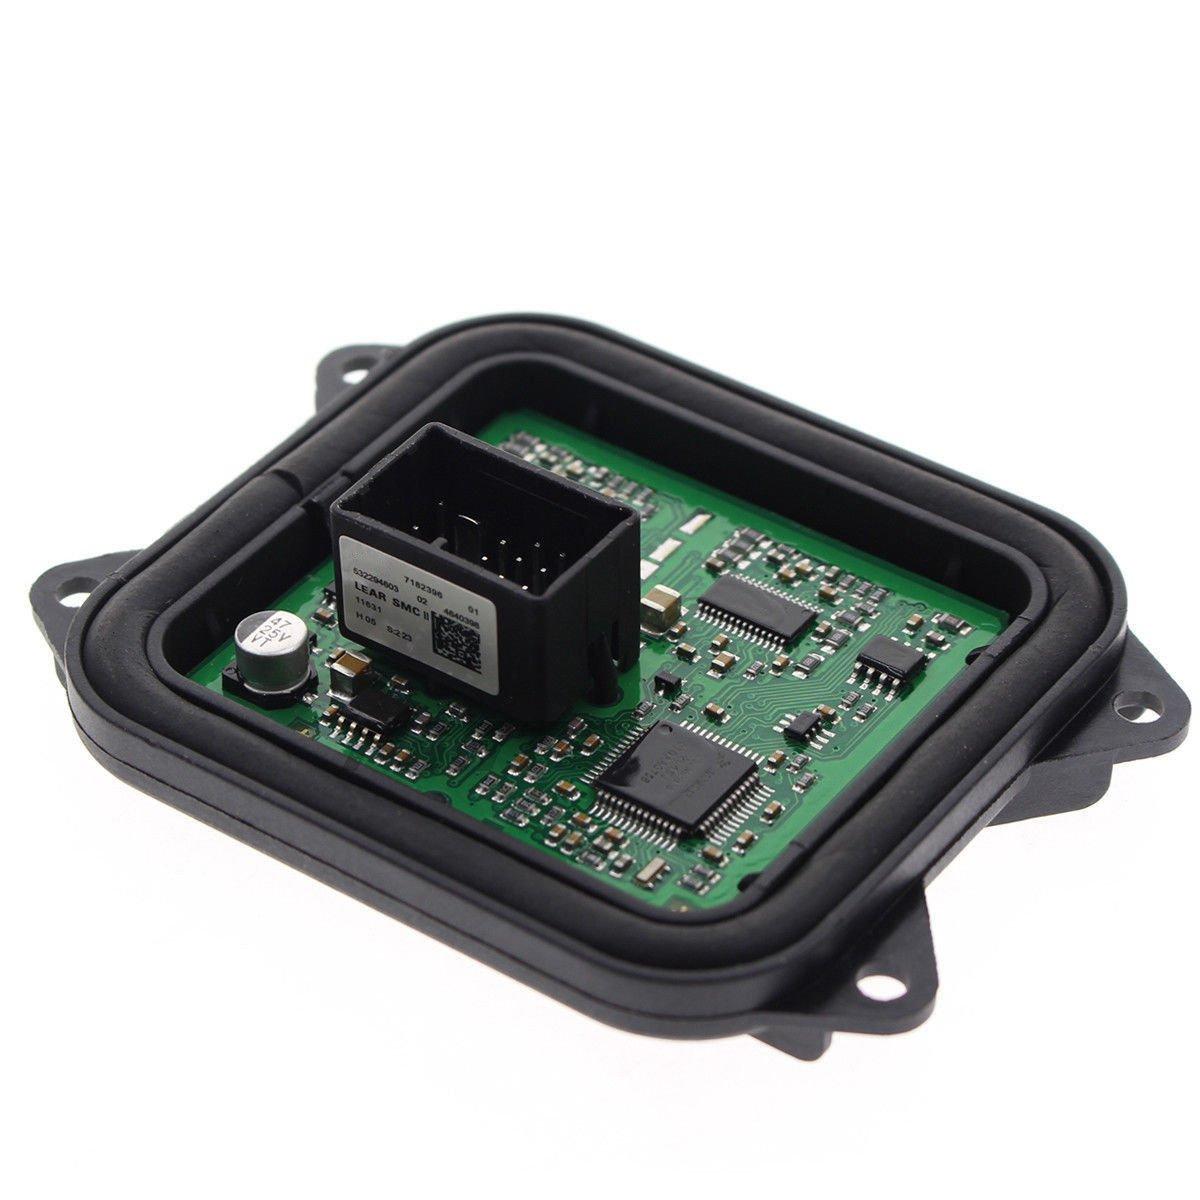 NEW CONTROL UNIT CORNERING 63117182396 For BMW X5 E70 E90 E91 E92 E93 X6 Z4 by Generic